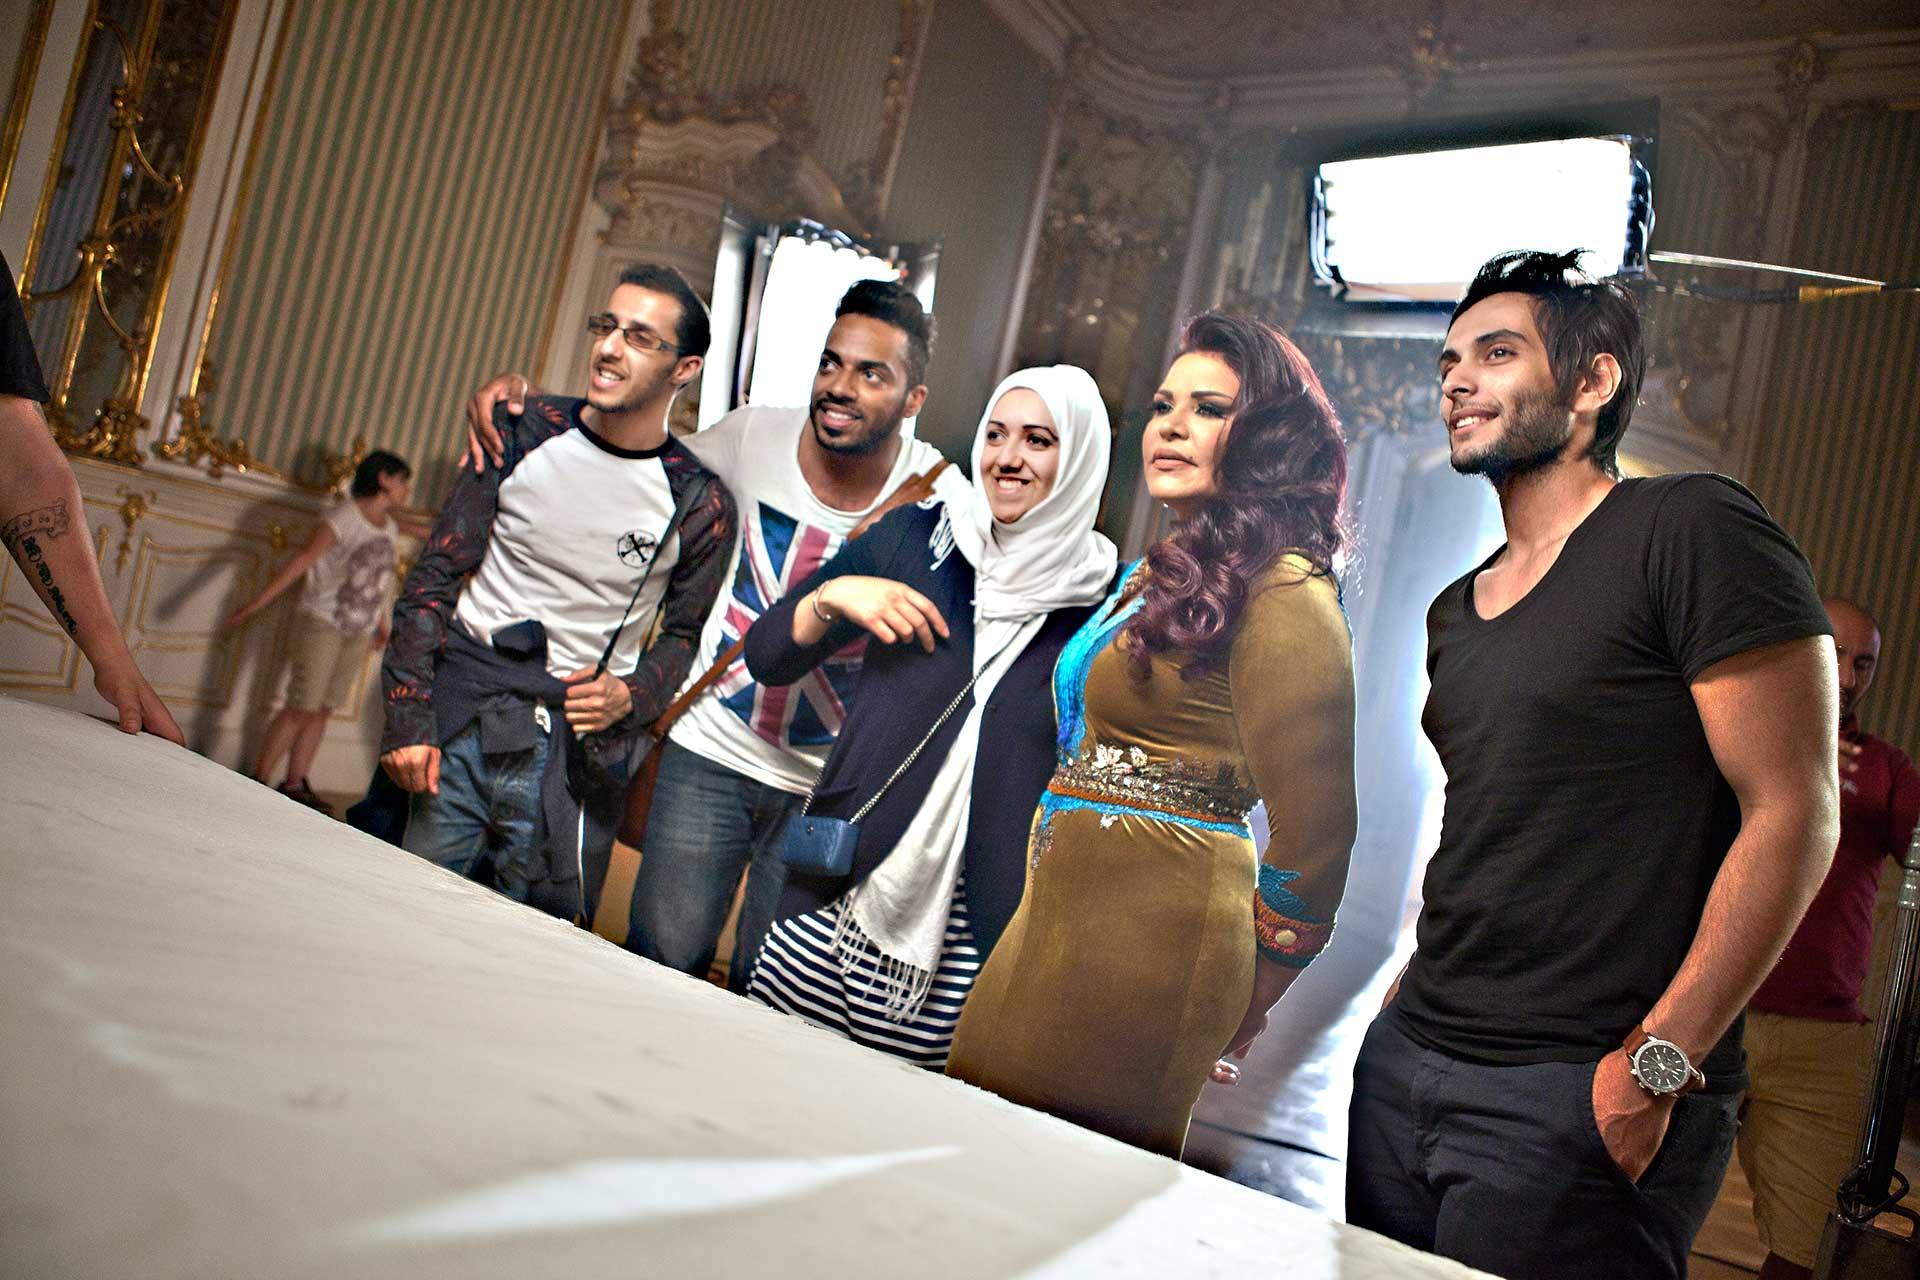 Ahlam_behind_the_scenes046.JPG